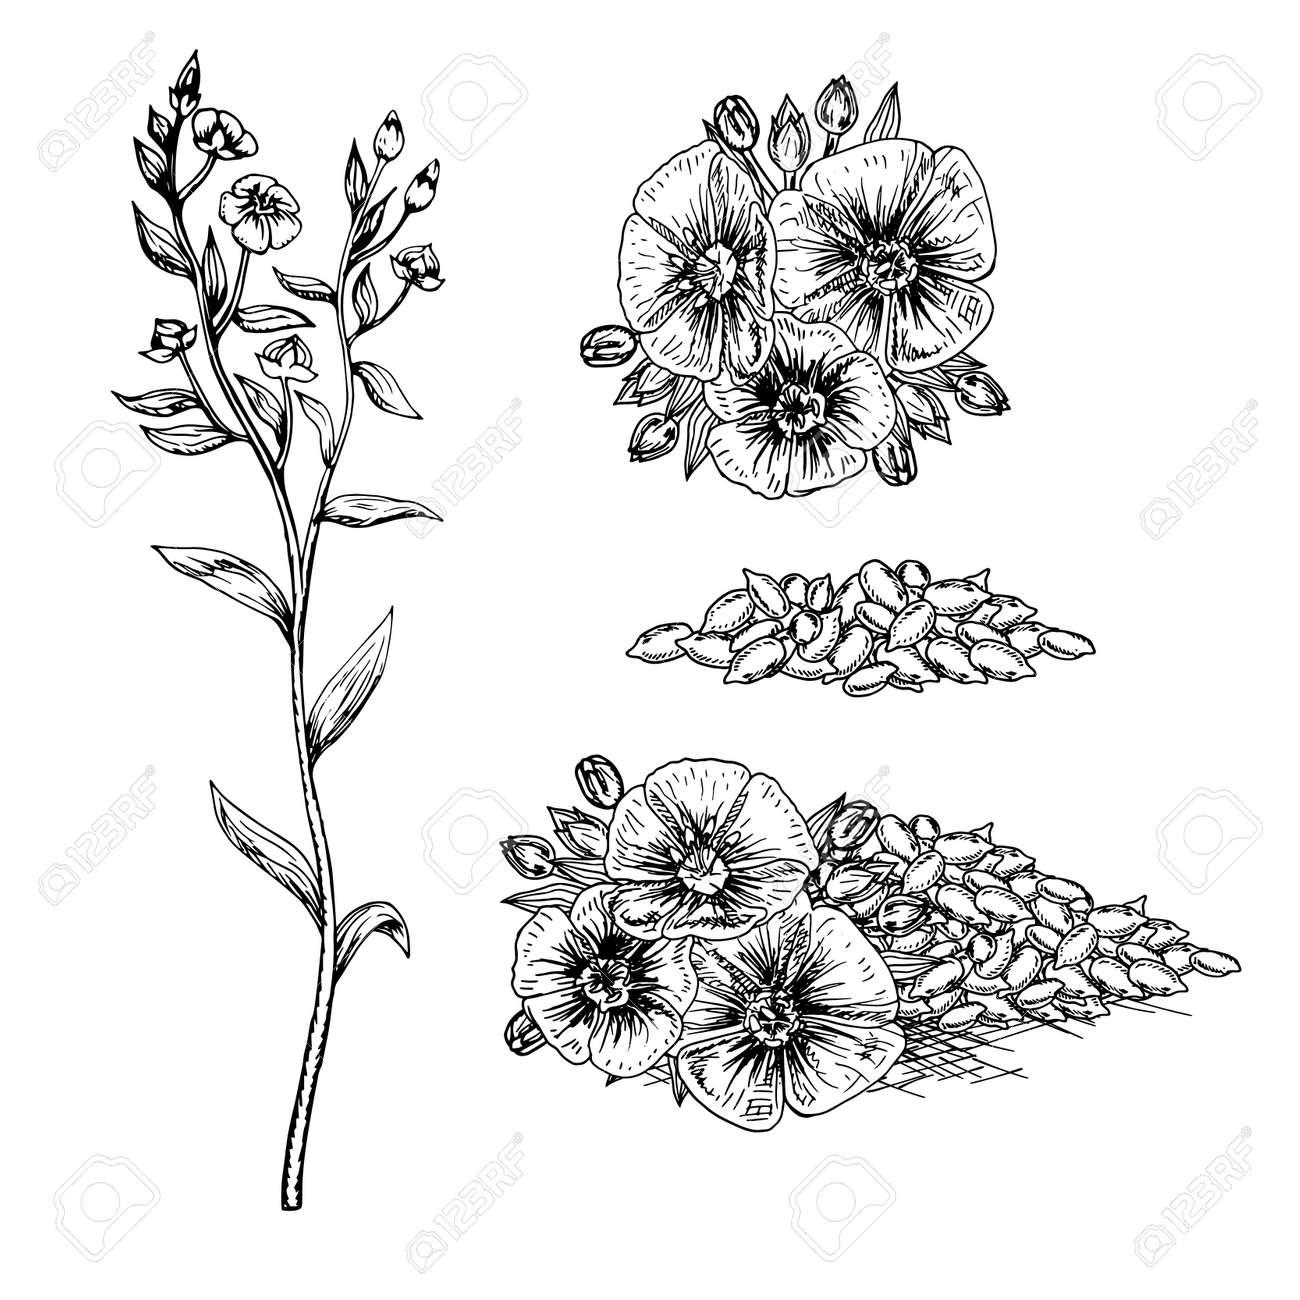 Hand Drawn Fleurs De Lin Et Les Graines Motif Dans Le Style Vintage Rétro Bouquet Noir Et Blanc Dessin Croquis De La Ligne Peut être Utilisé Dans